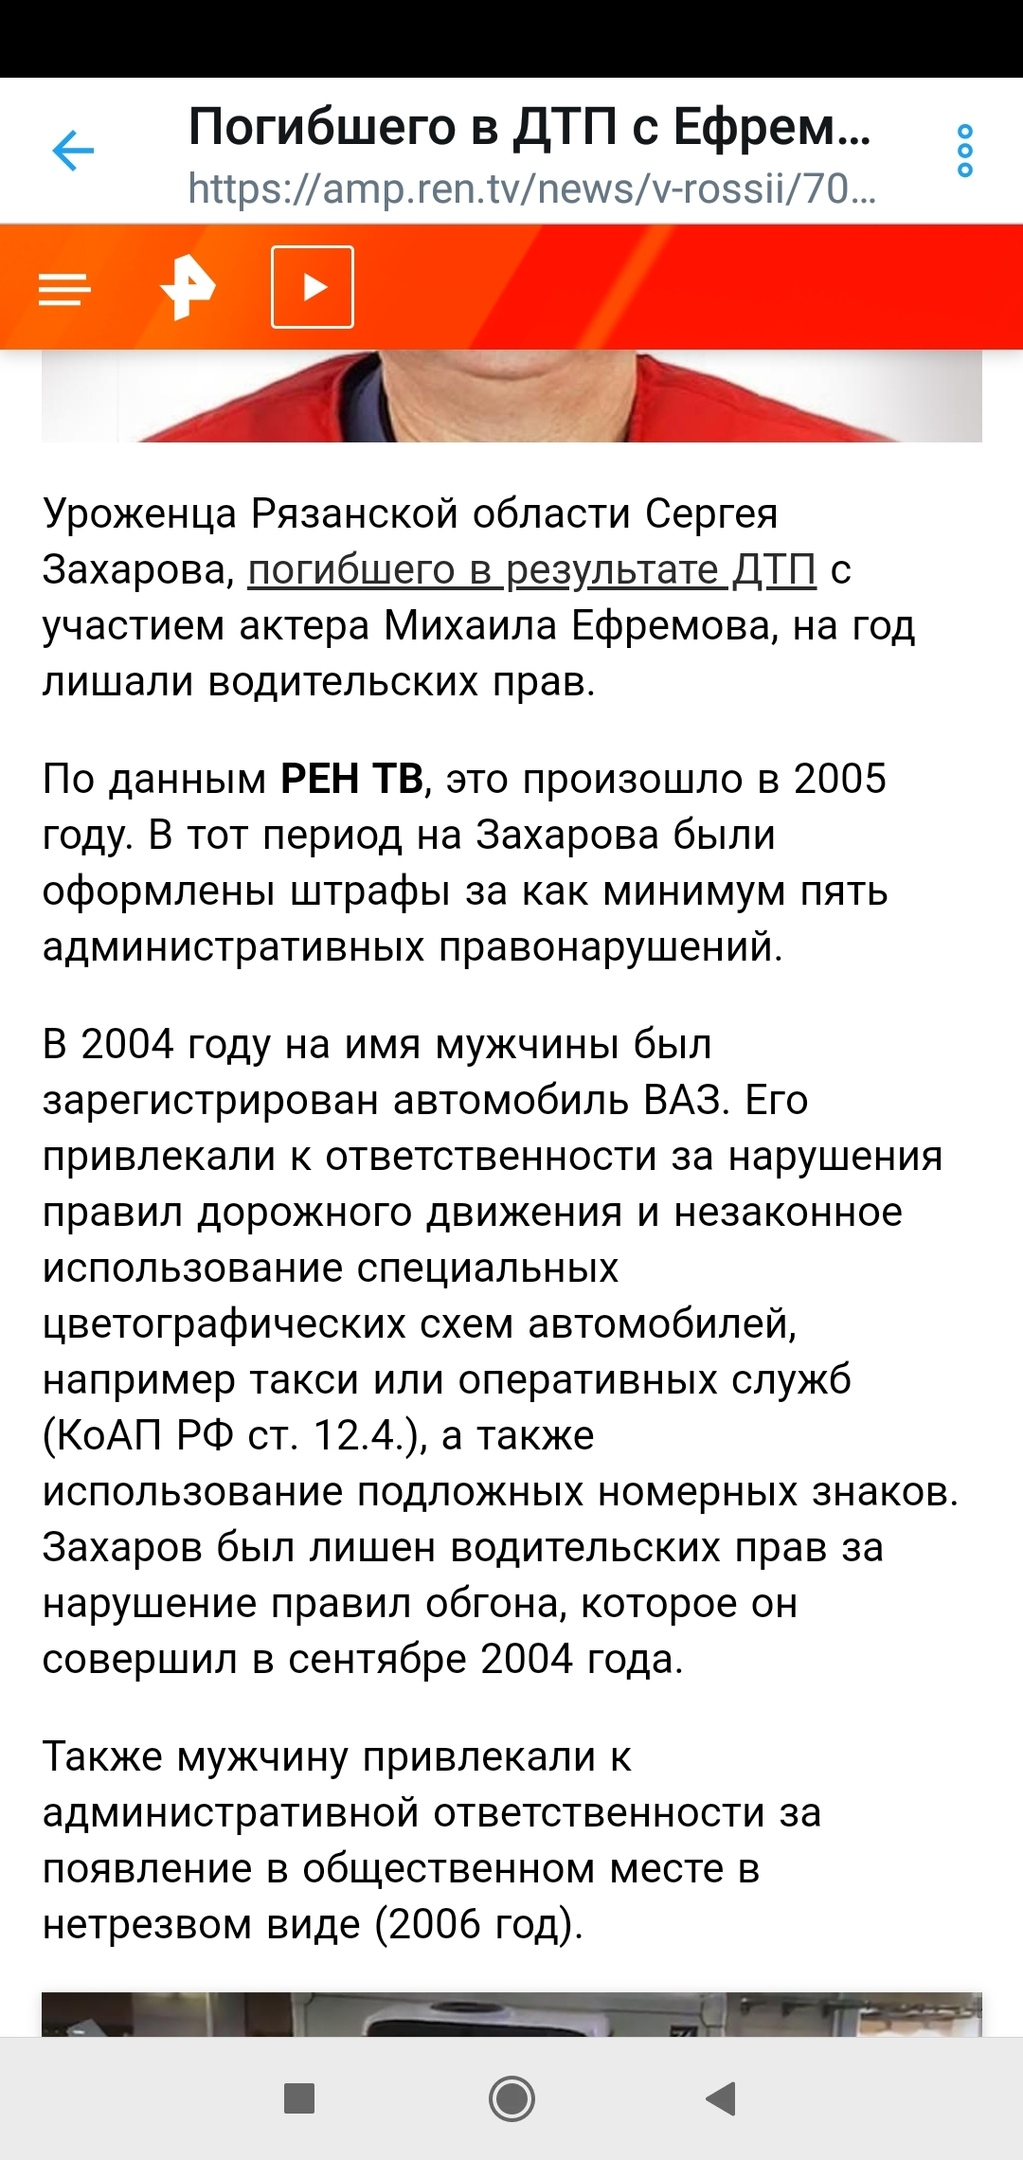 Рен ТВ о погибшем Сергее Захарове